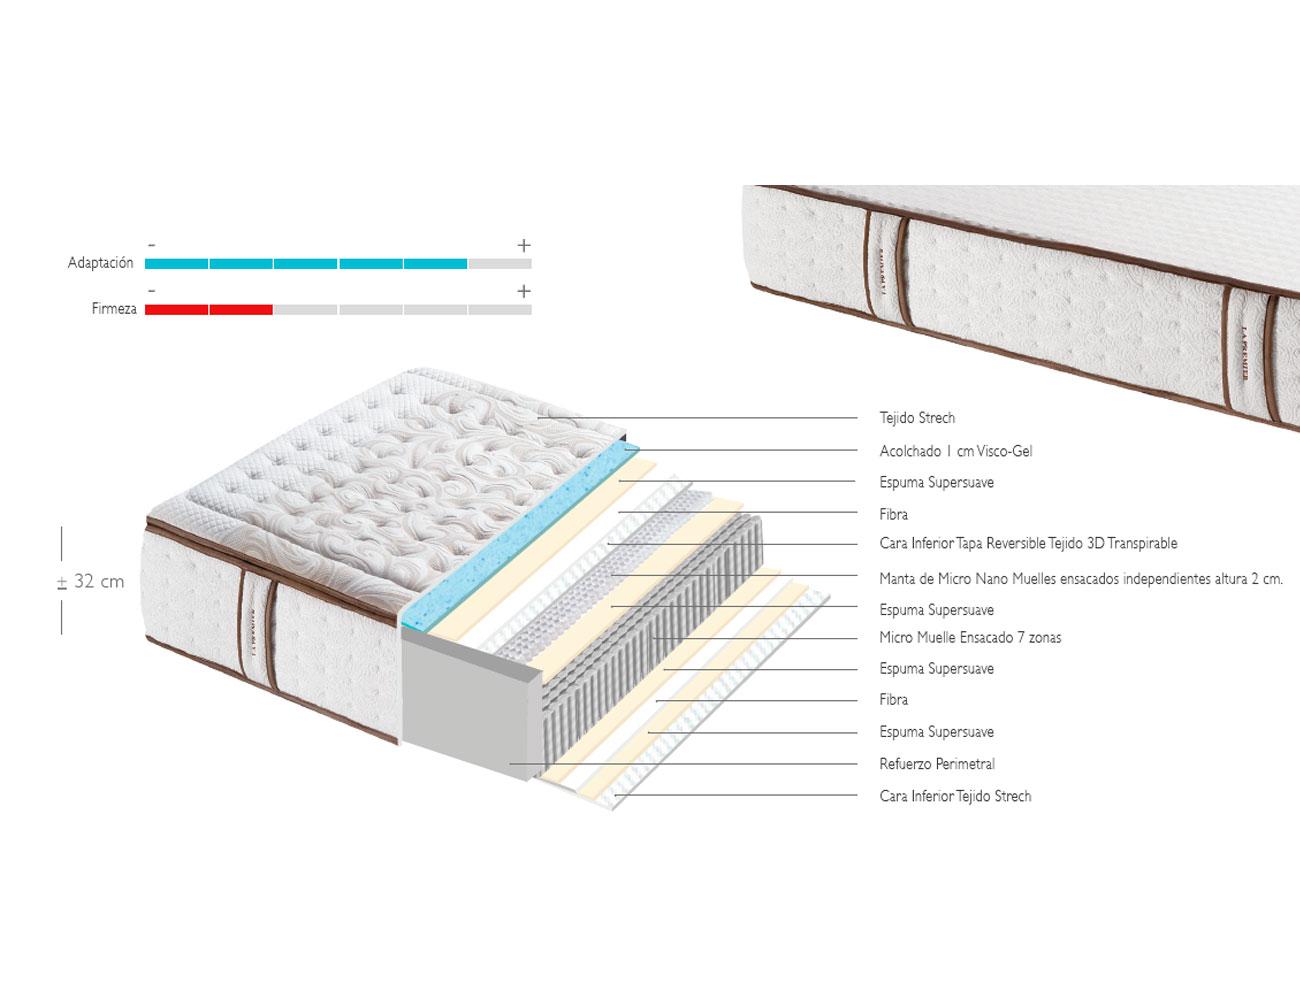 Colchon la premiere nano muelle micro 7 zonas descanso viscoelastico 115